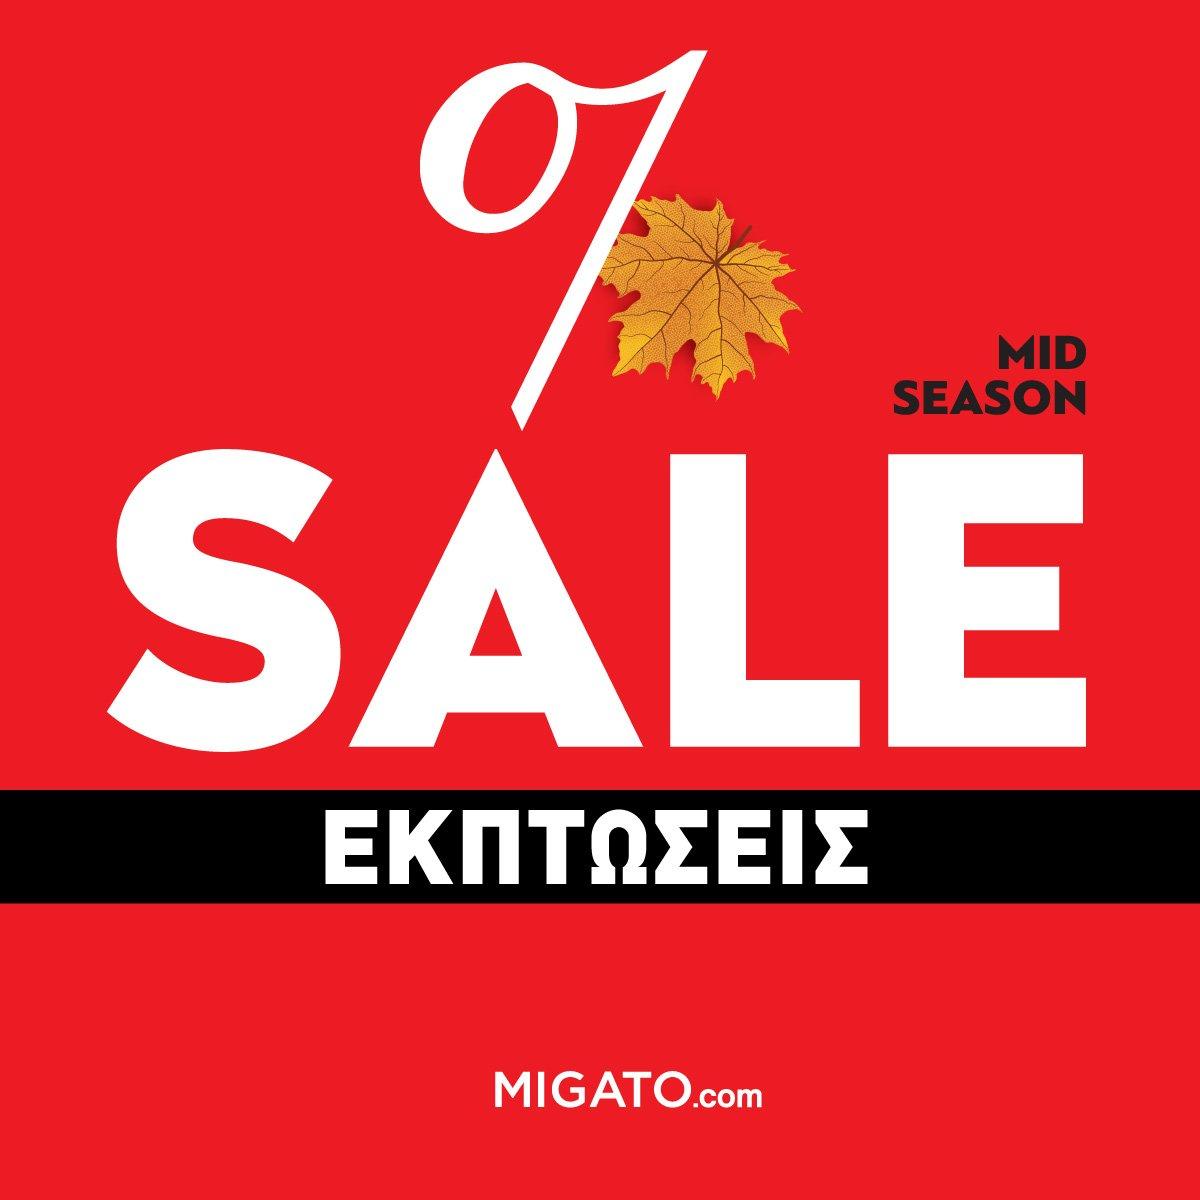 ... κατάστημα της  MIGATO στο 1ο επίπεδο του The Mall Athens με έως -30%  στη Νέα Συλλογή! Προλάβετε τα αγαπημένα σας σχέδια πριν εξαντληθούν! 42912b2c4ae